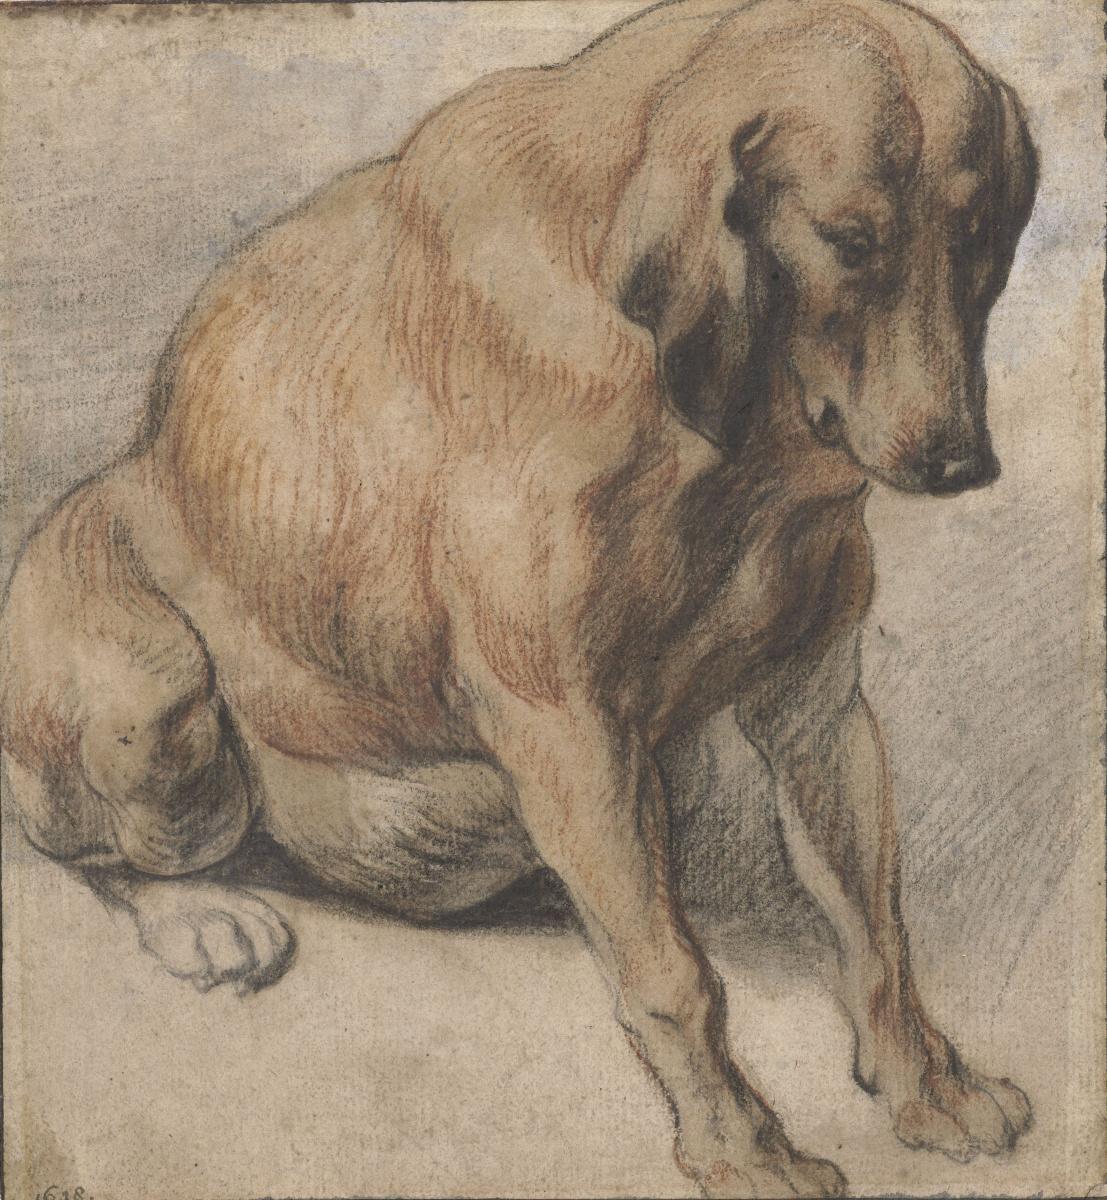 Якоб Йорданс. Sitting dog